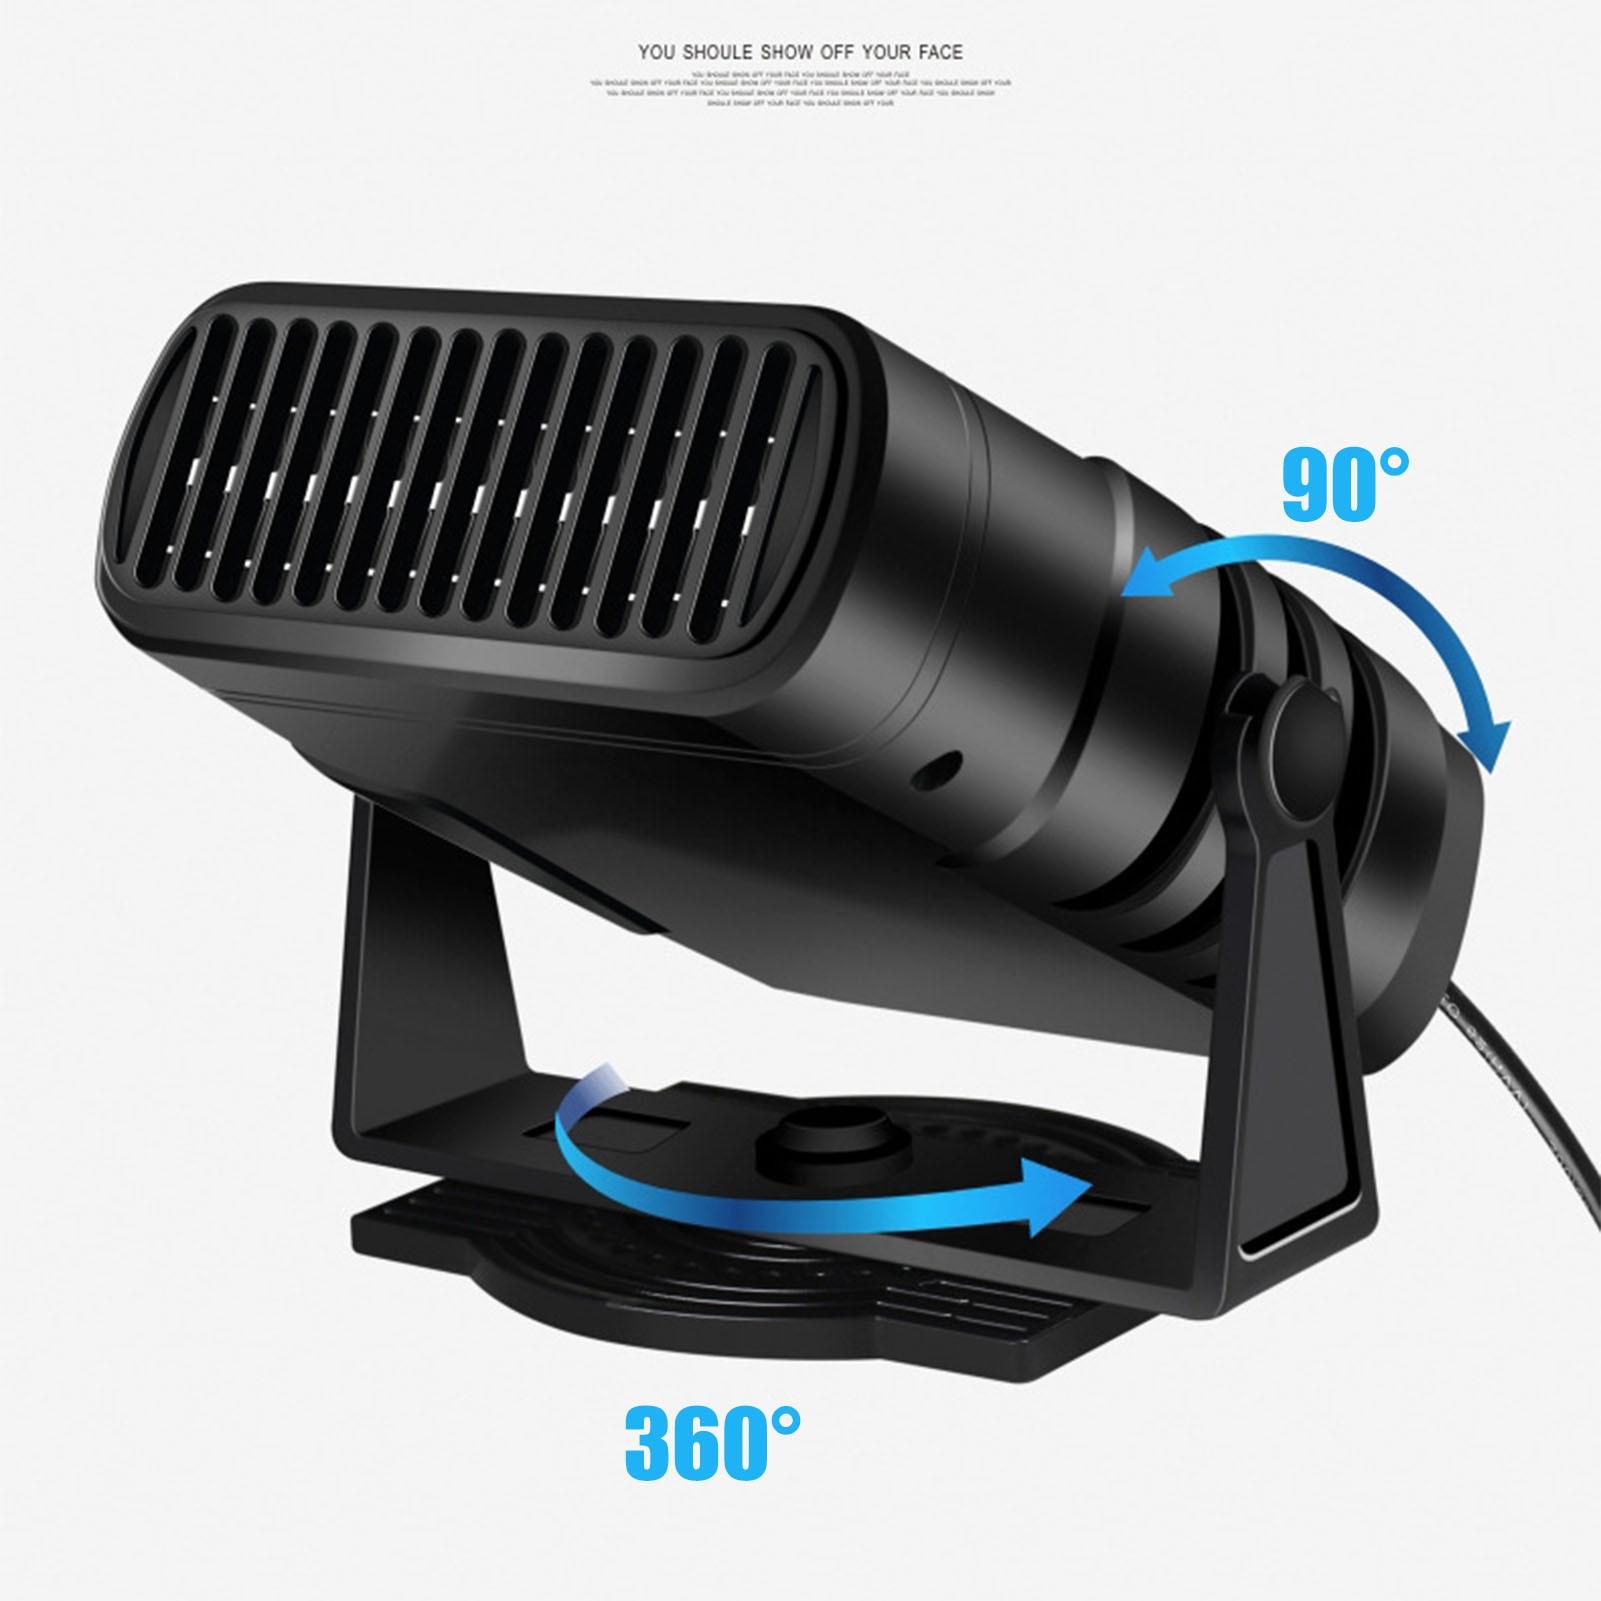 Car Heater 200W 12V 24V 360 Degree Rotation Car Electric Heater Defrosting Snow Defogger Windscreen Demister Defroster